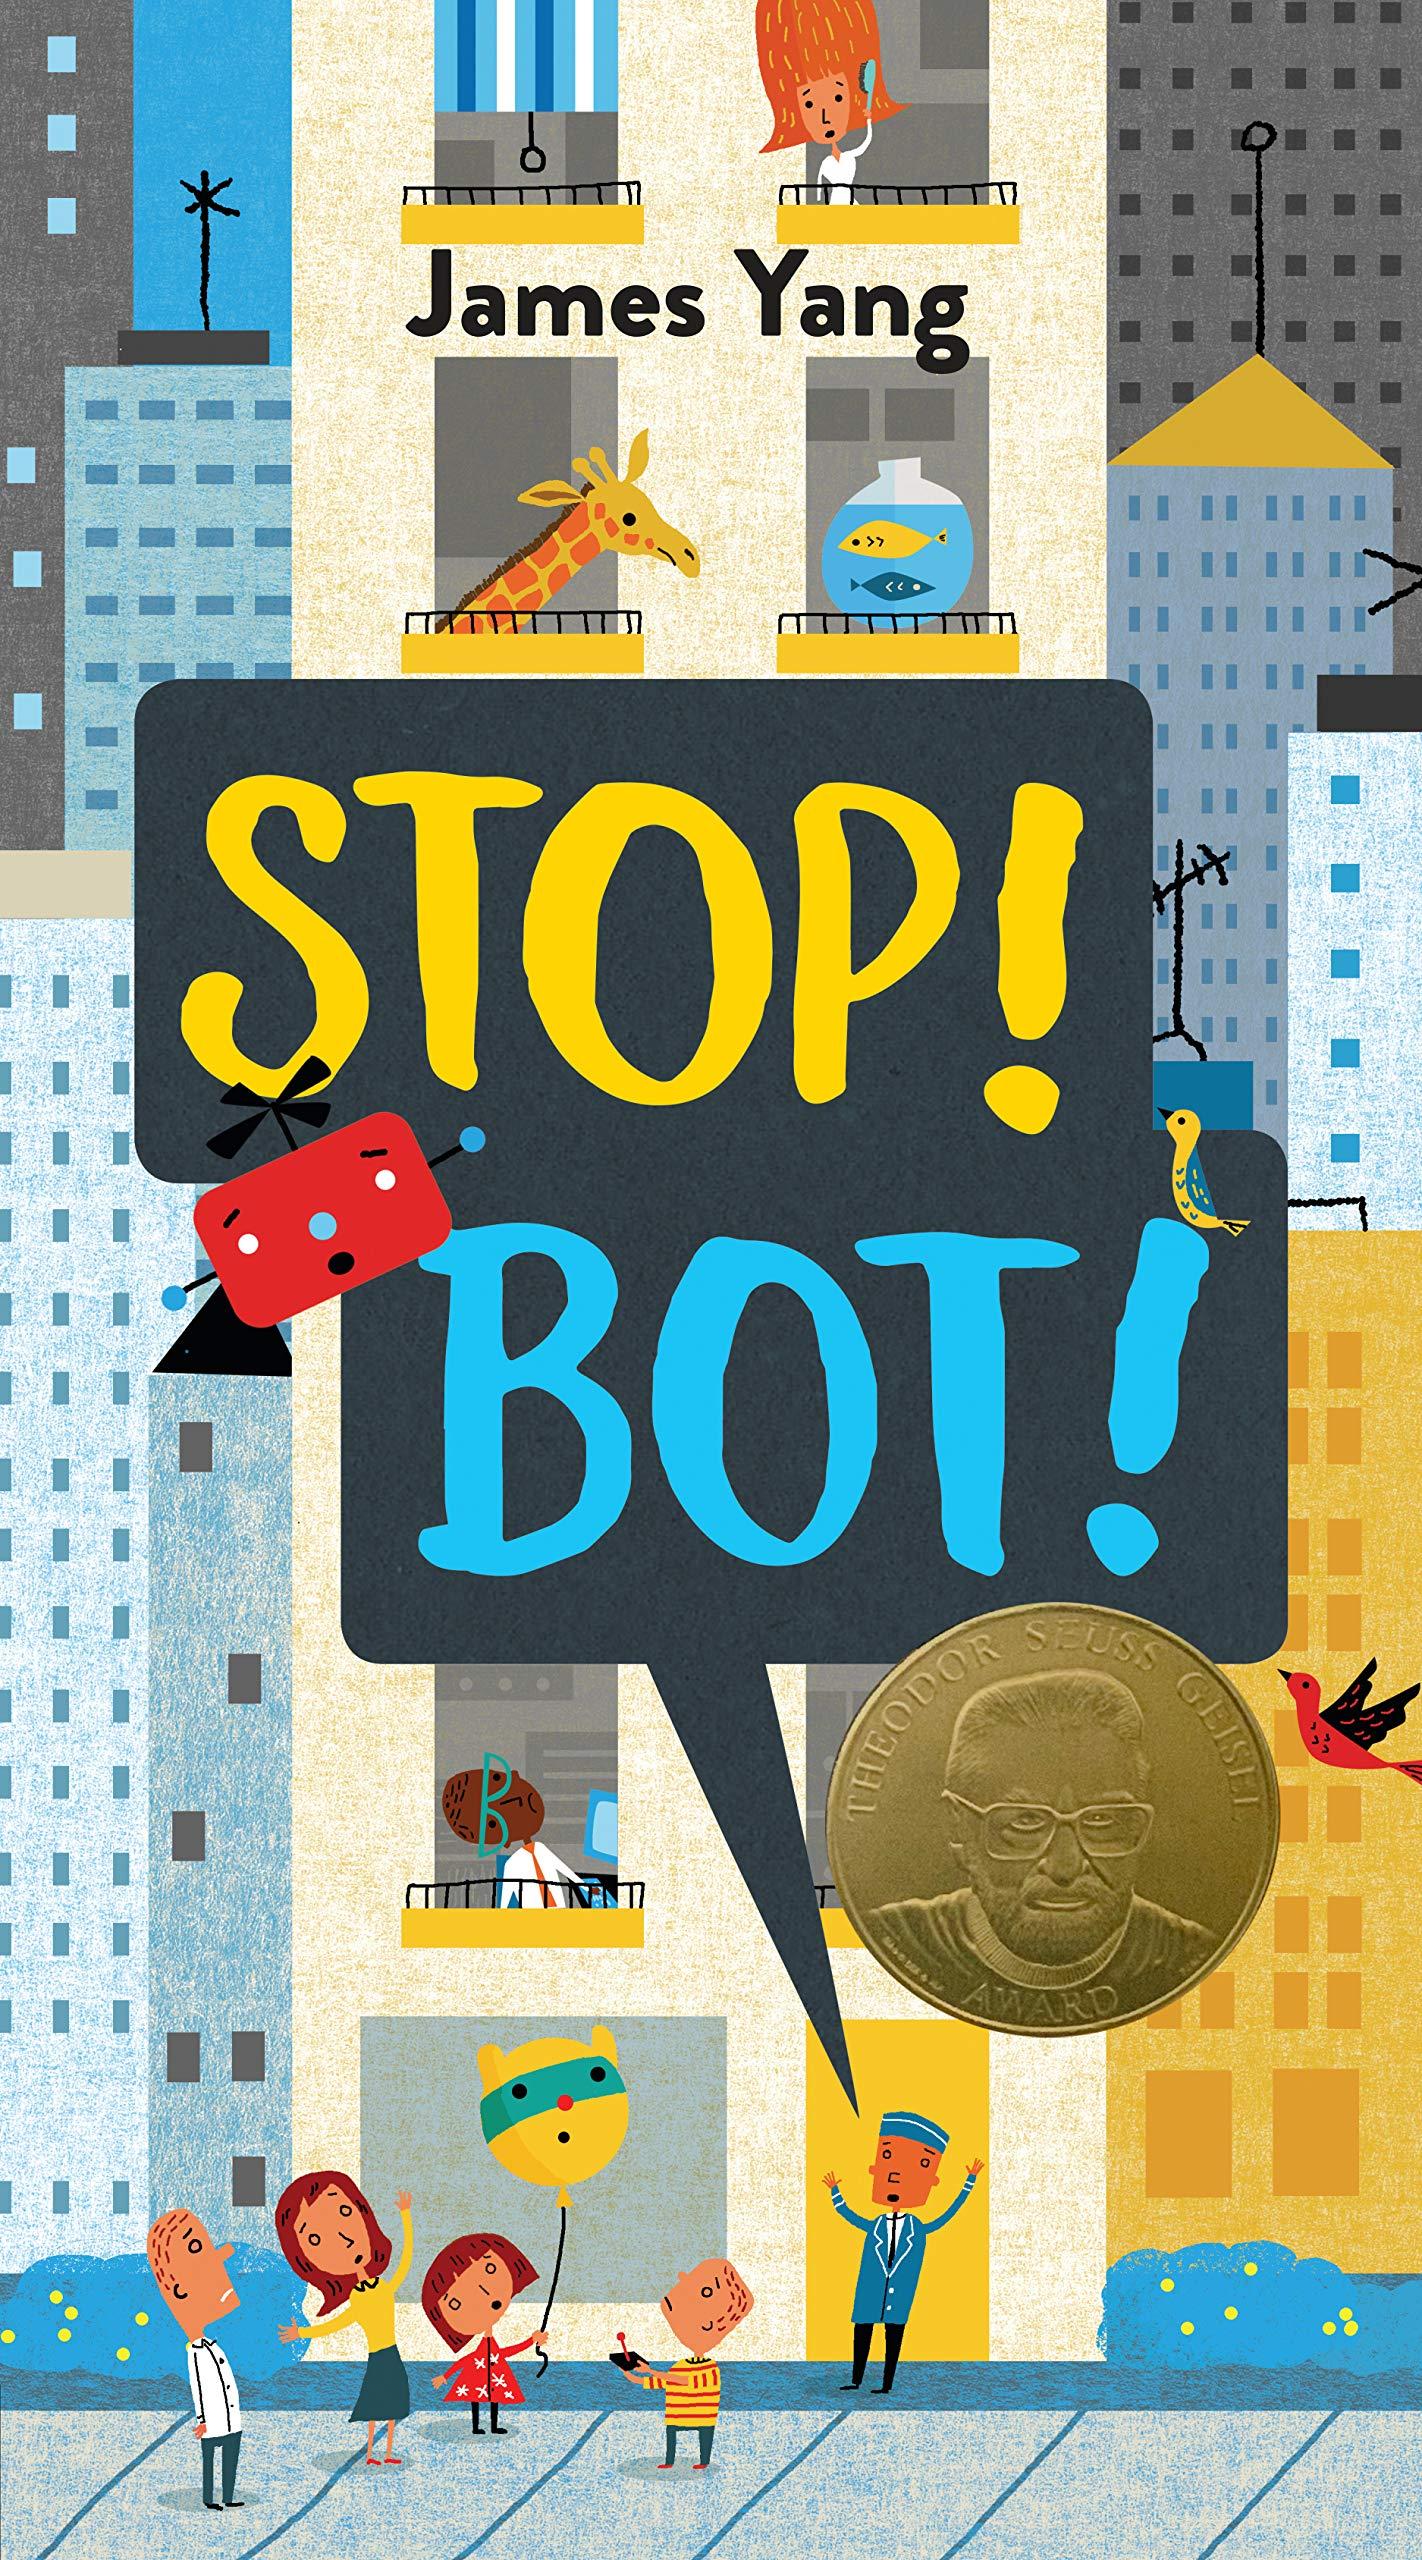 英文儿童读物推荐:美国西奥多苏斯戈塞尔奖近三年作品